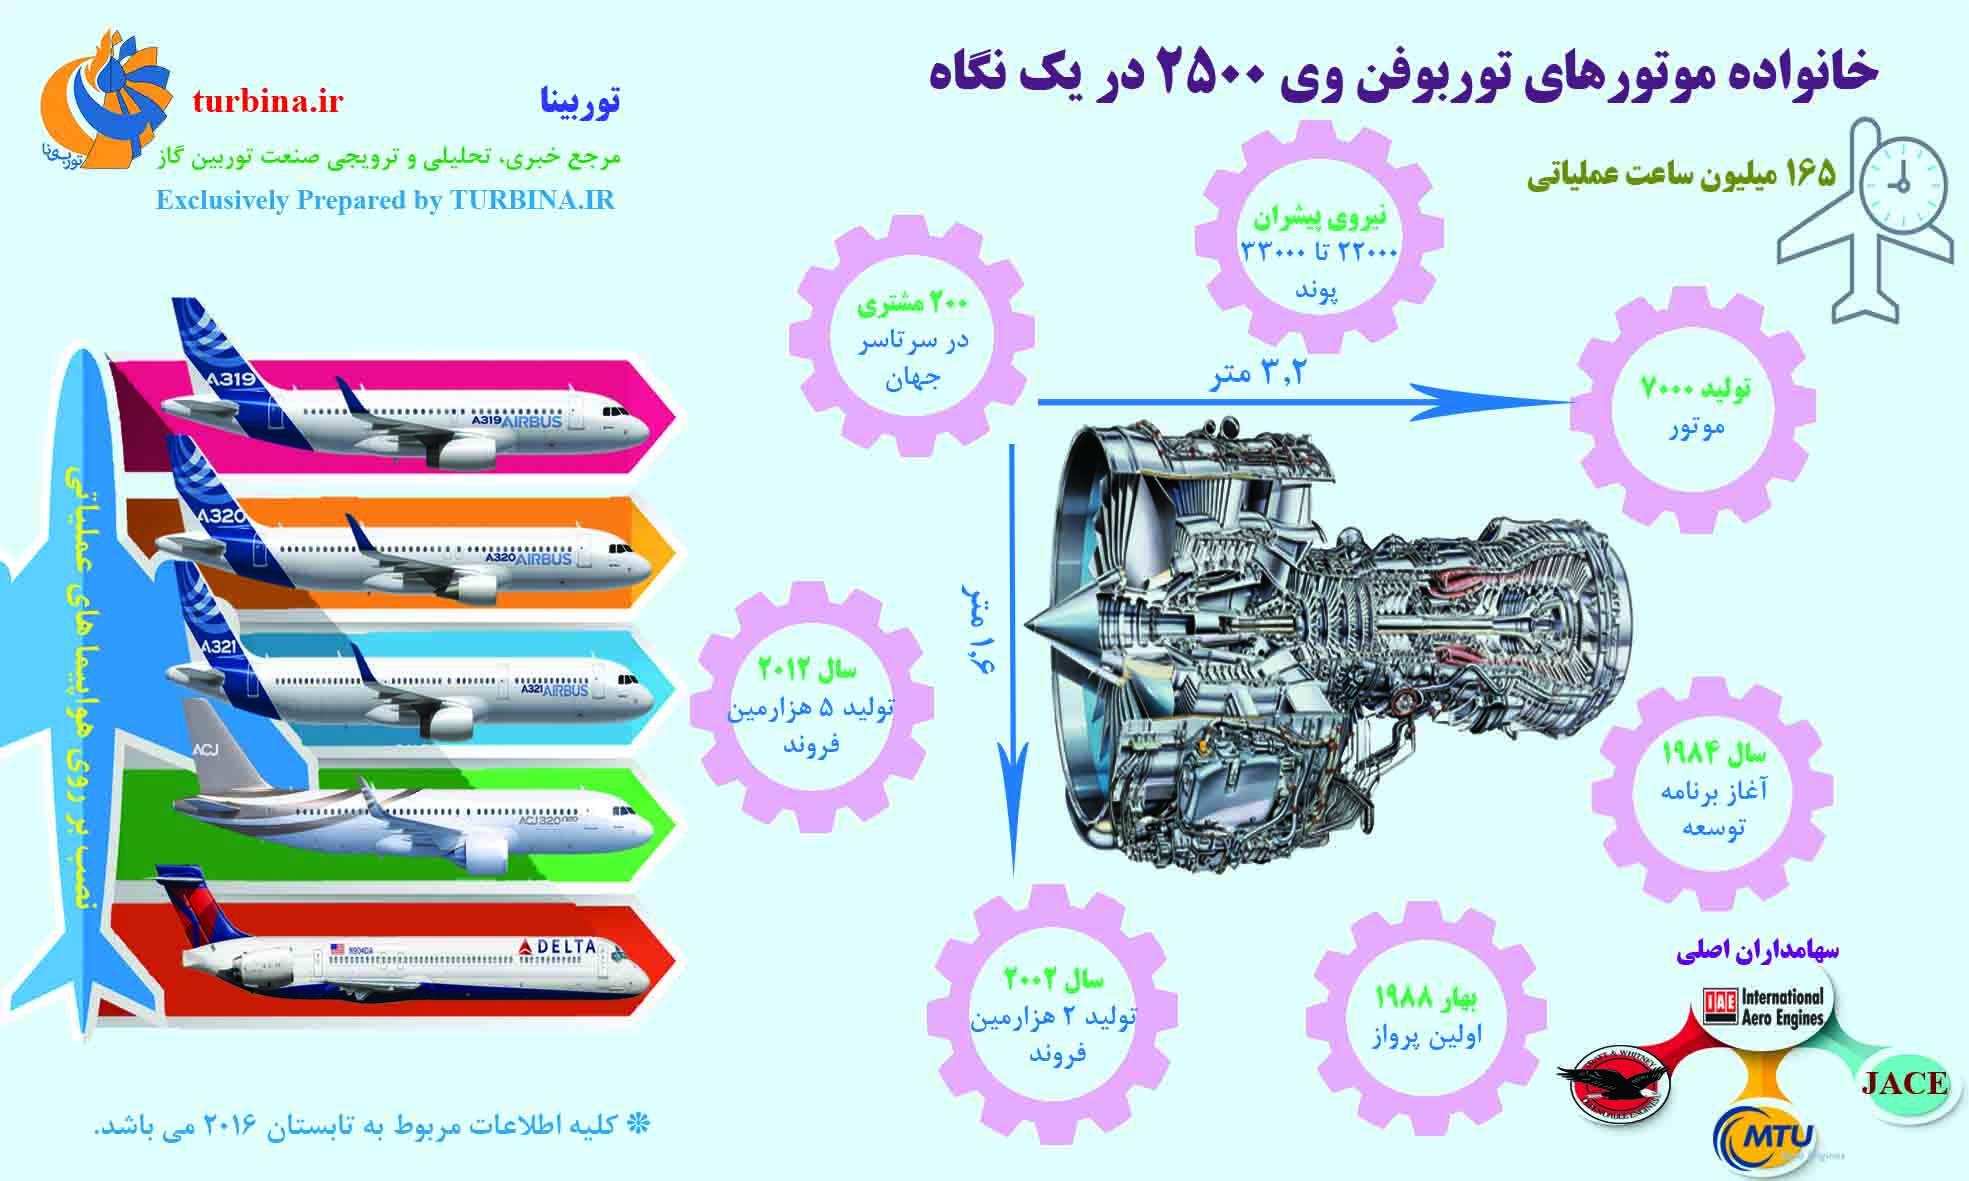 خانواده موتورهای توربوفن V2500 در یک نگاه